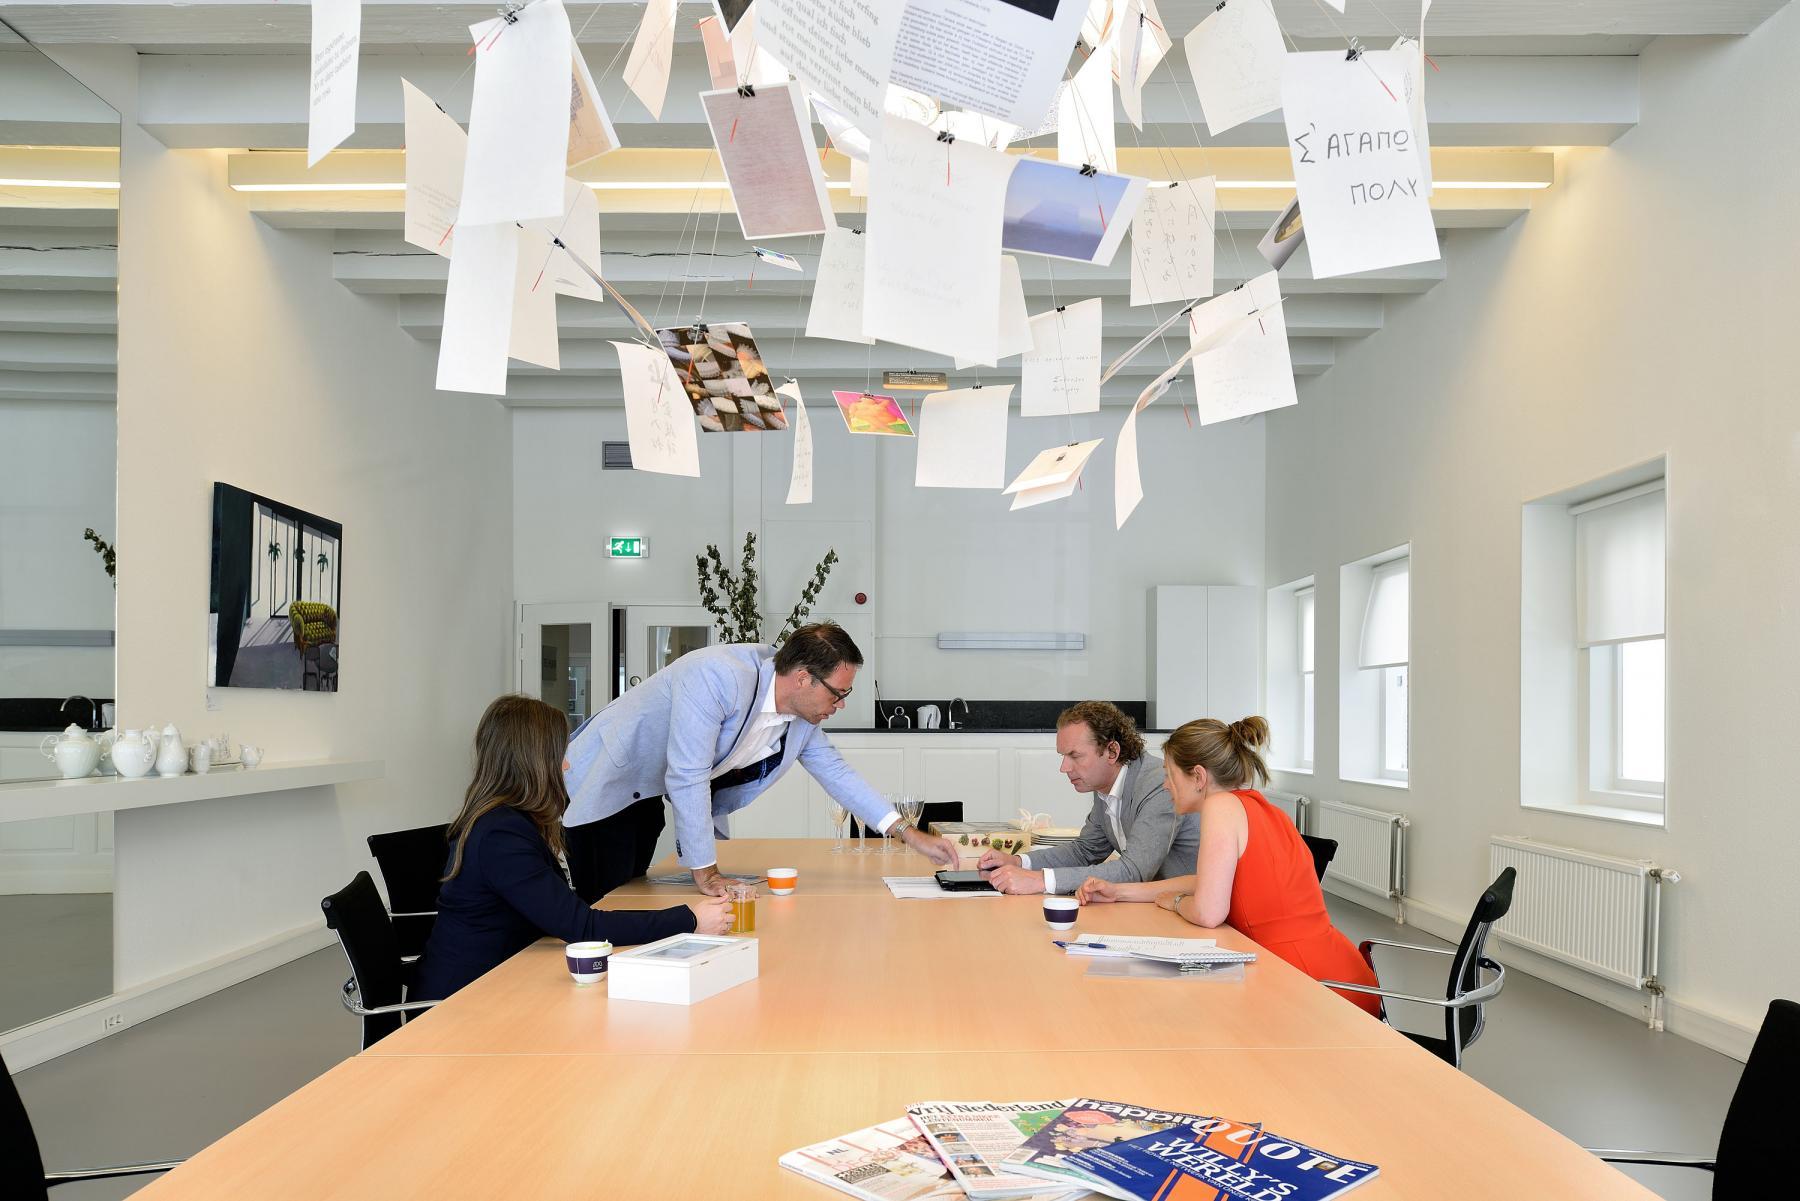 kantoor dordrecht wolwevershaven tafel stoelen lampen ramen uitzicht schilderij